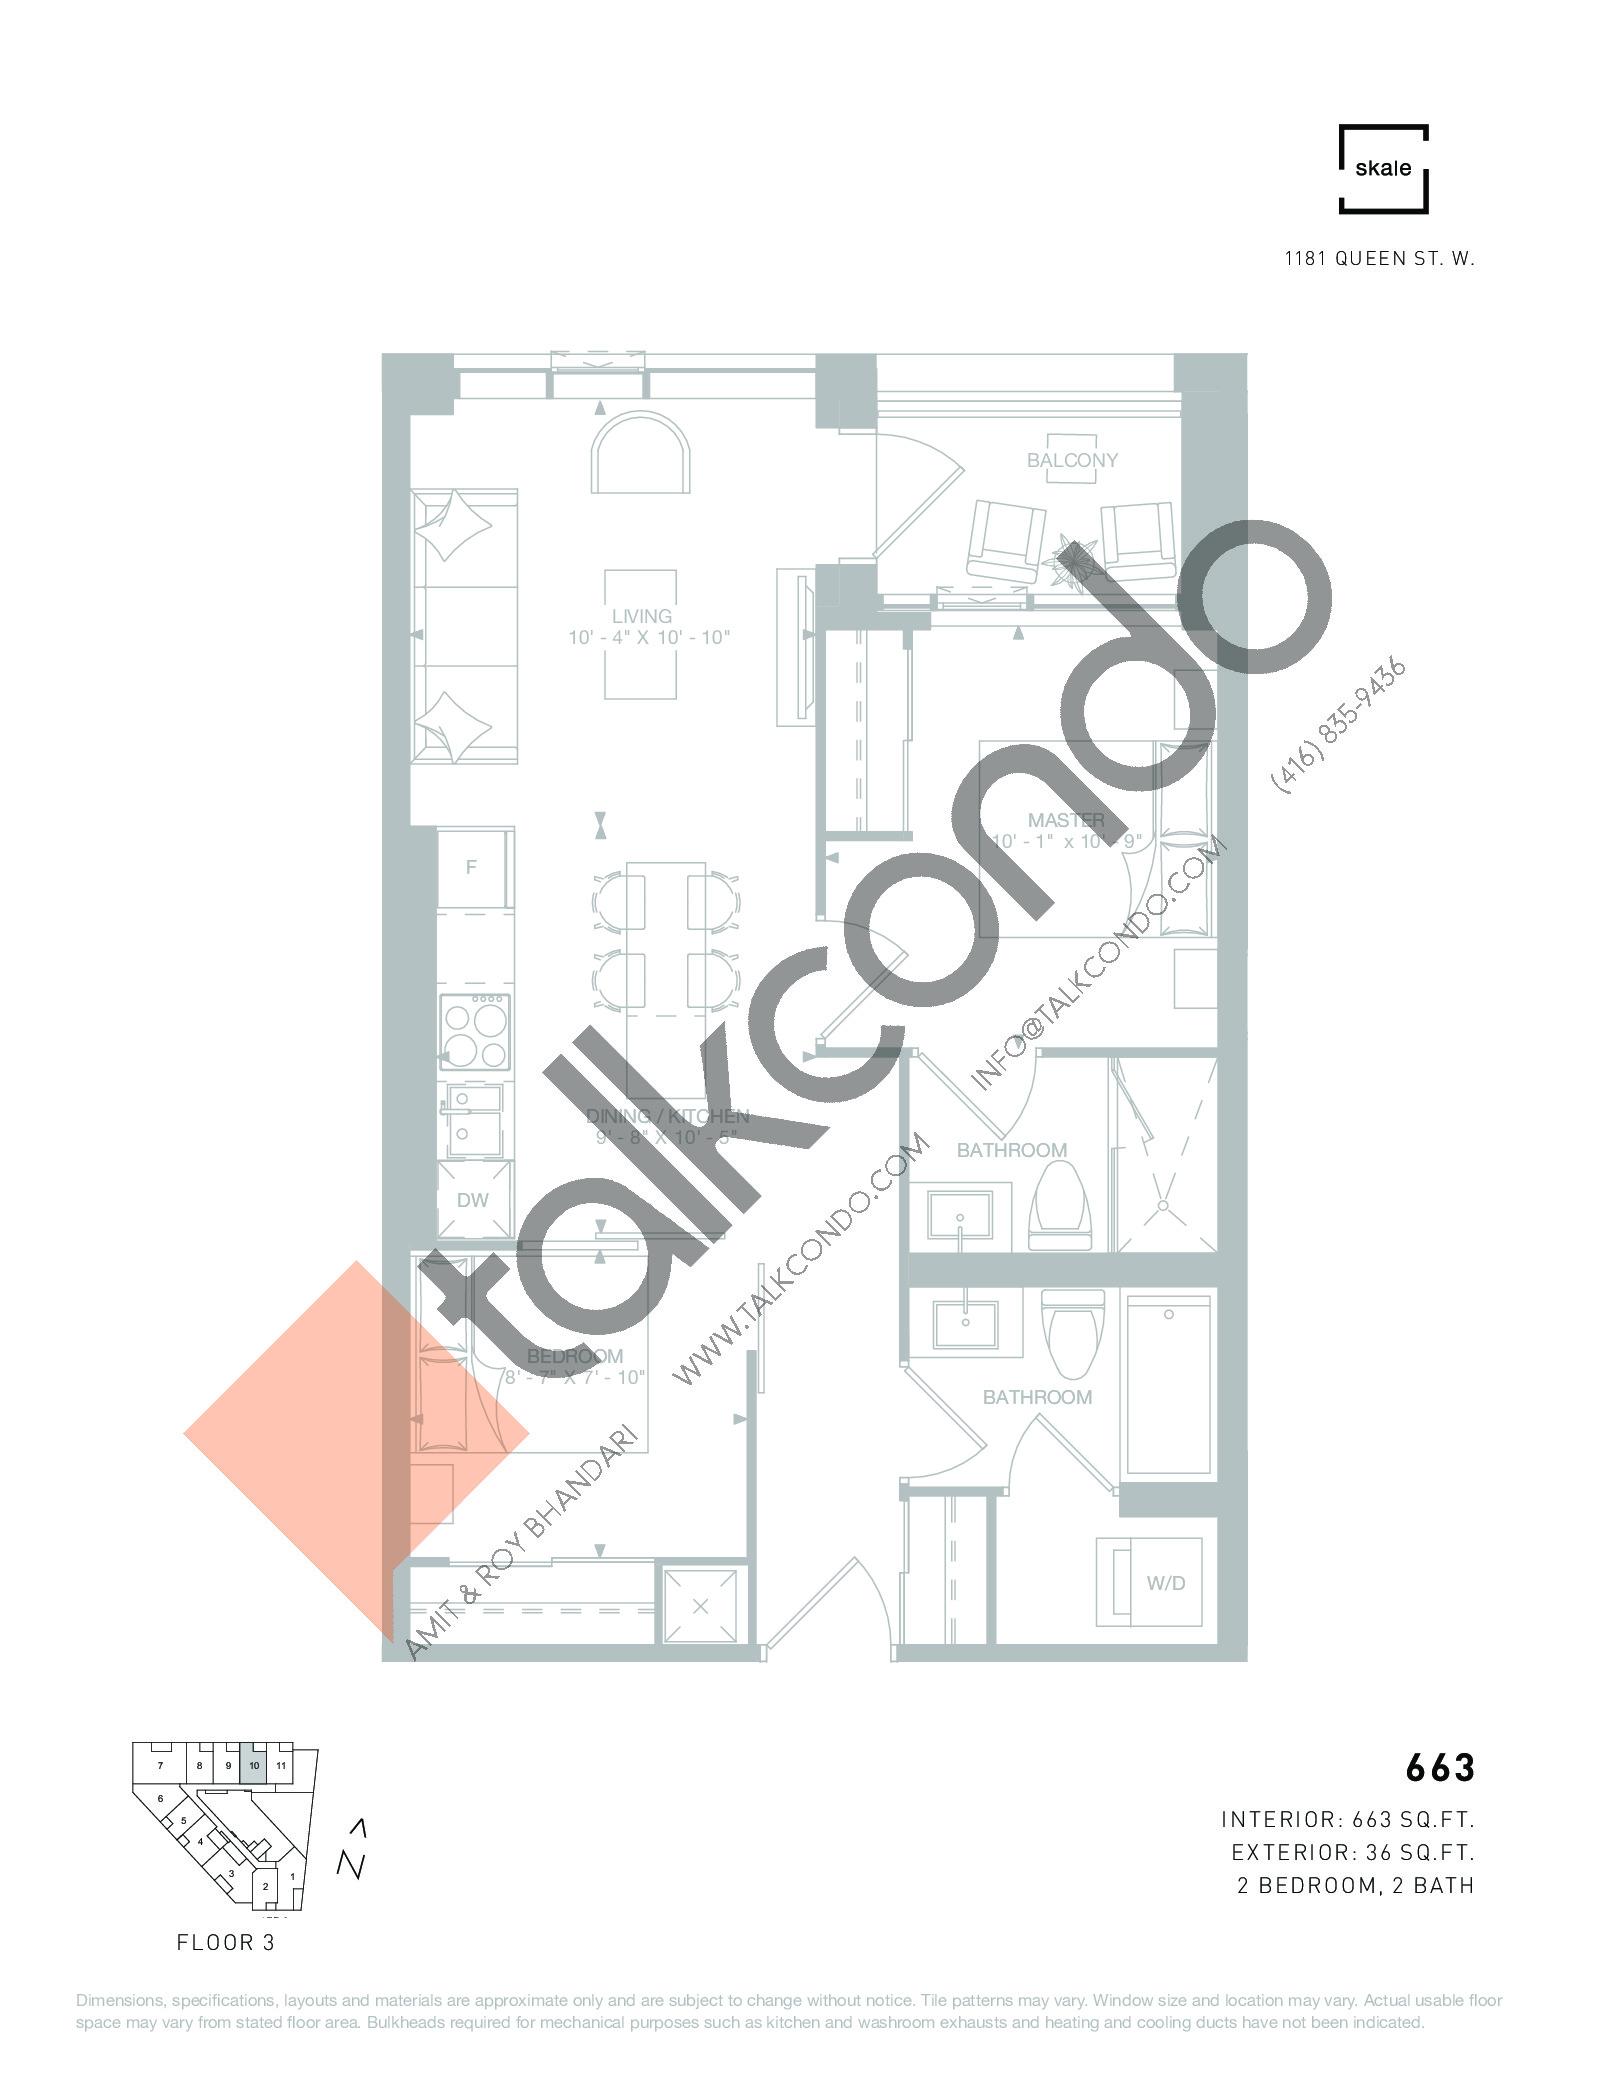 663 Floor Plan at 1181 Queen West Condos - 663 sq.ft